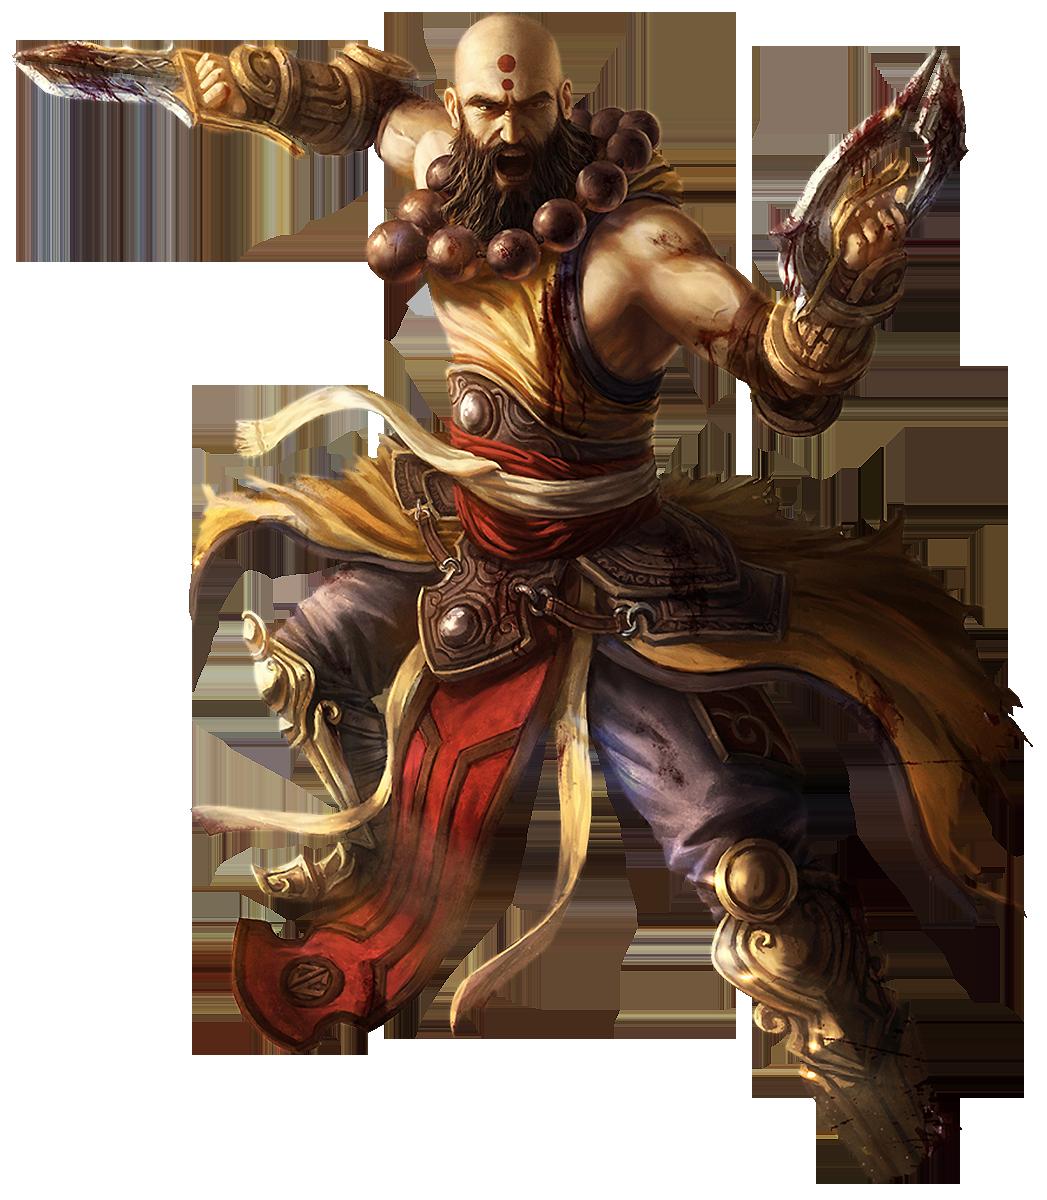 Diablo Iii Monk Render By Crussong